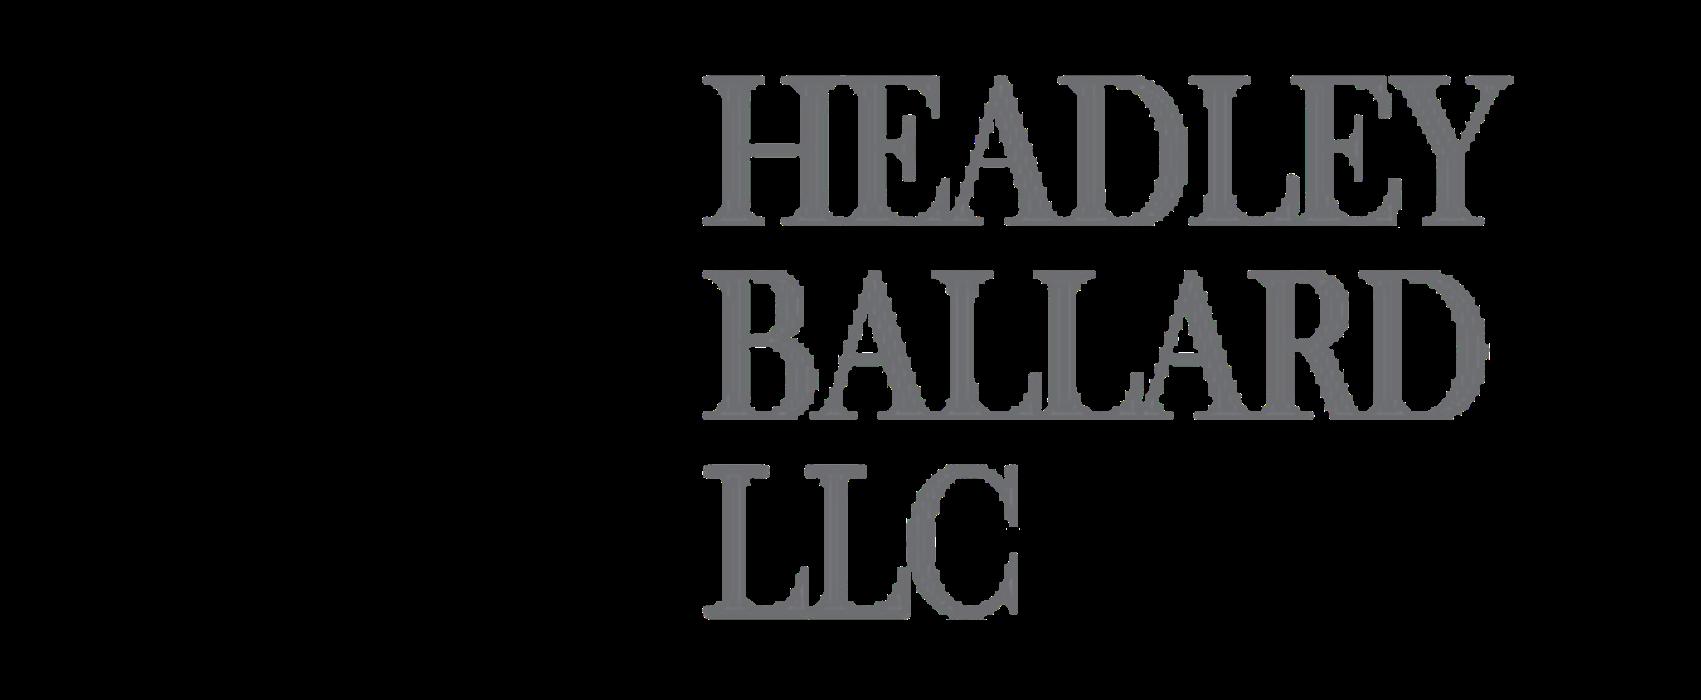 Headley Ballard LLC